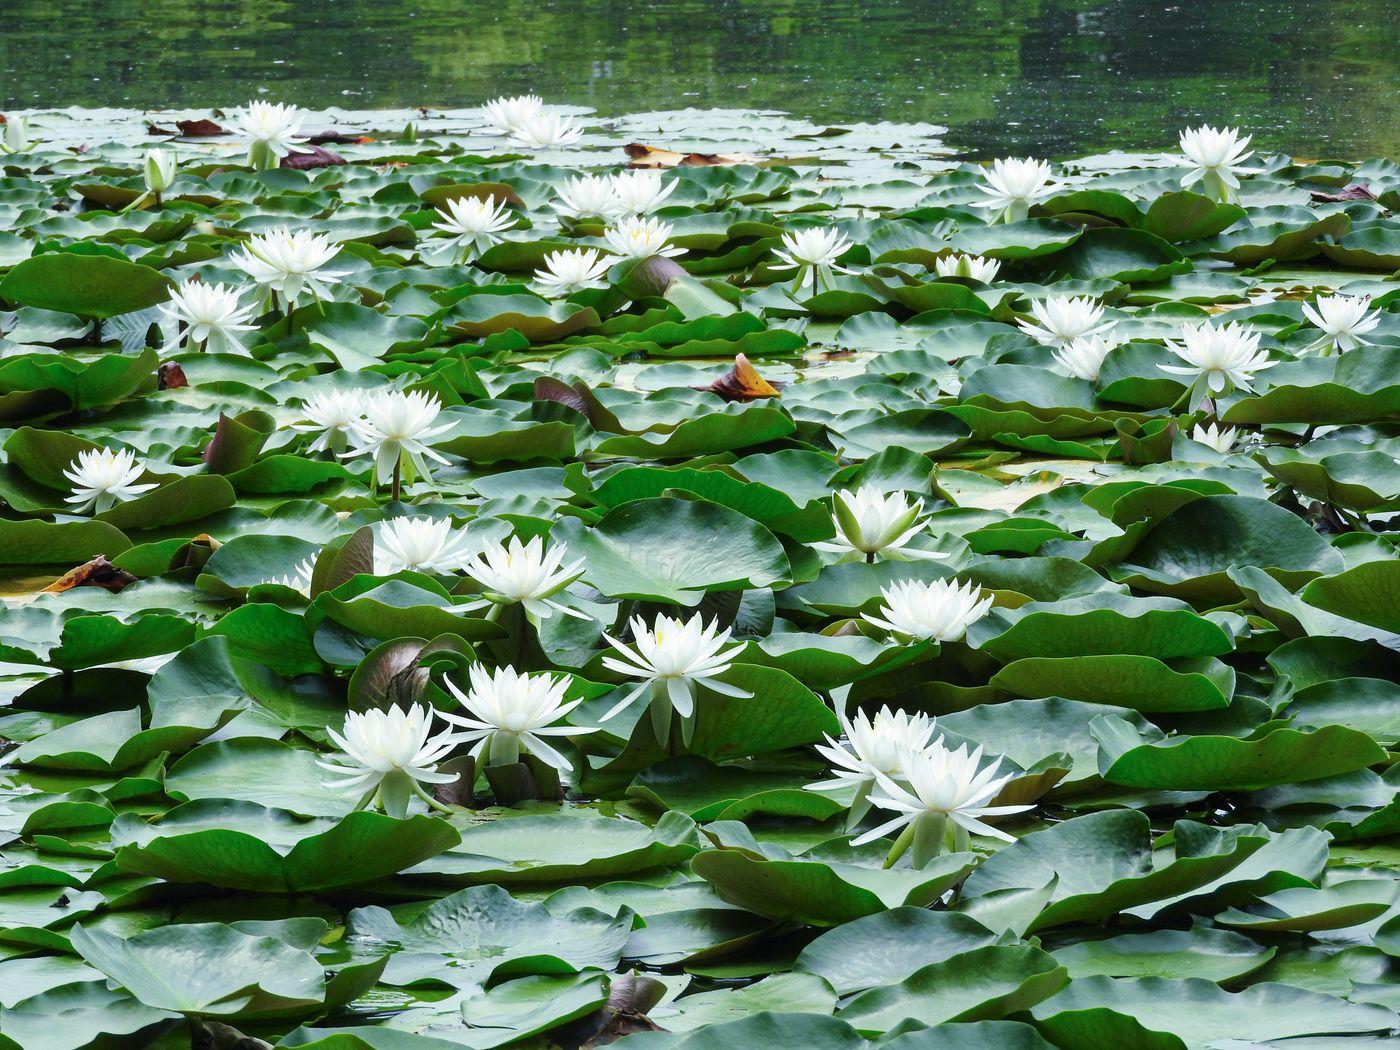 池に咲く睡蓮の写真